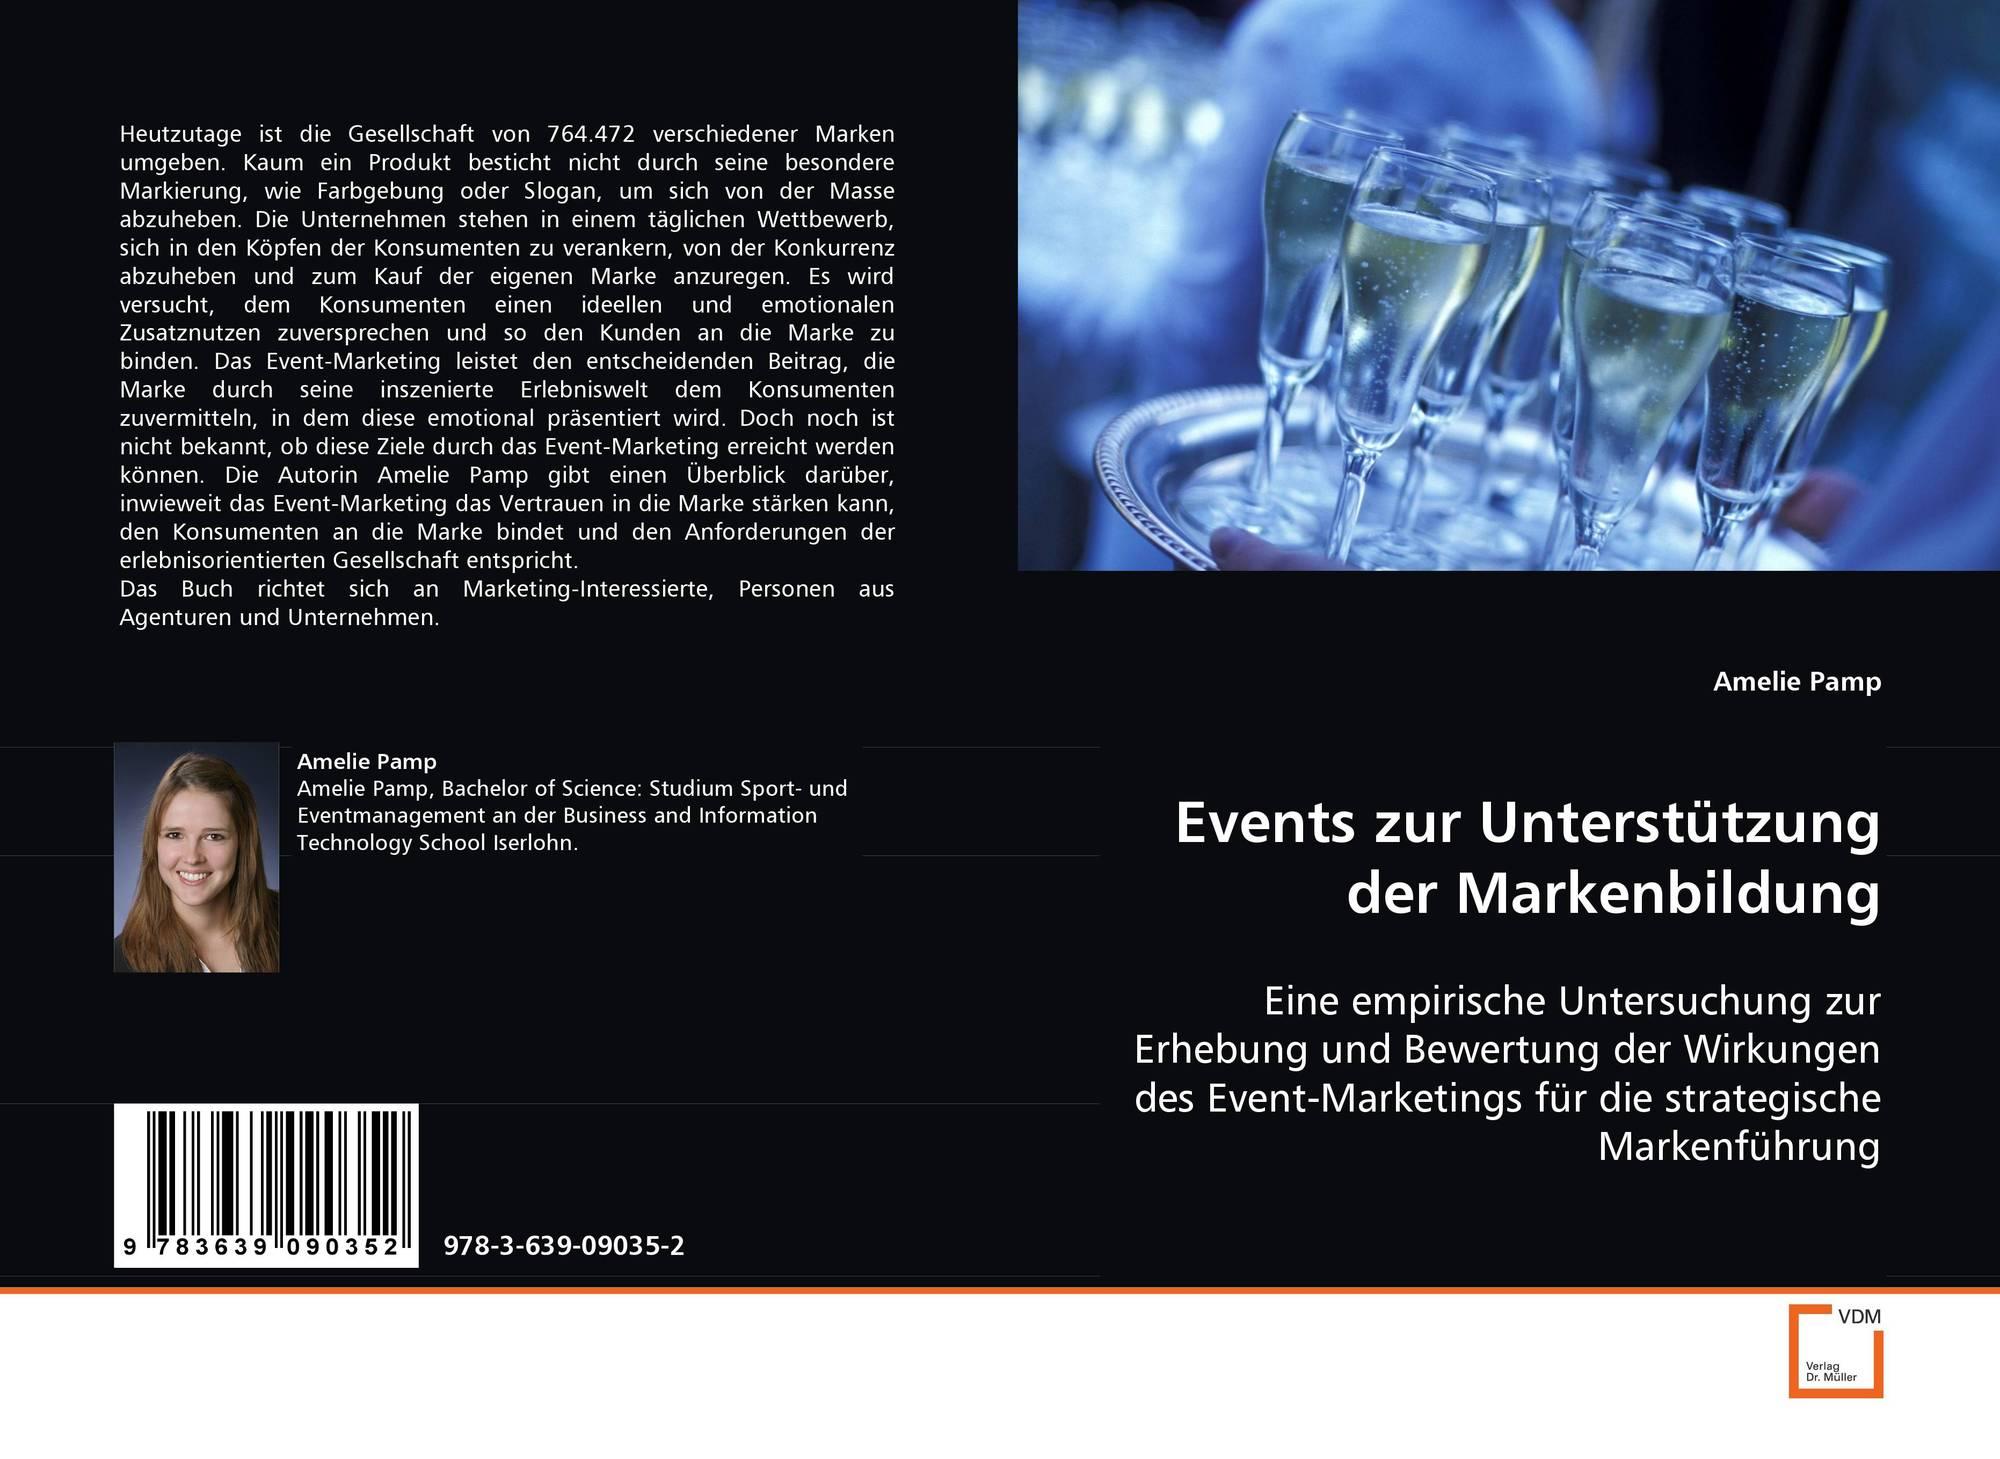 Events zur Unterstützung der Markenbildung, 978-3-639-09035-2 ...